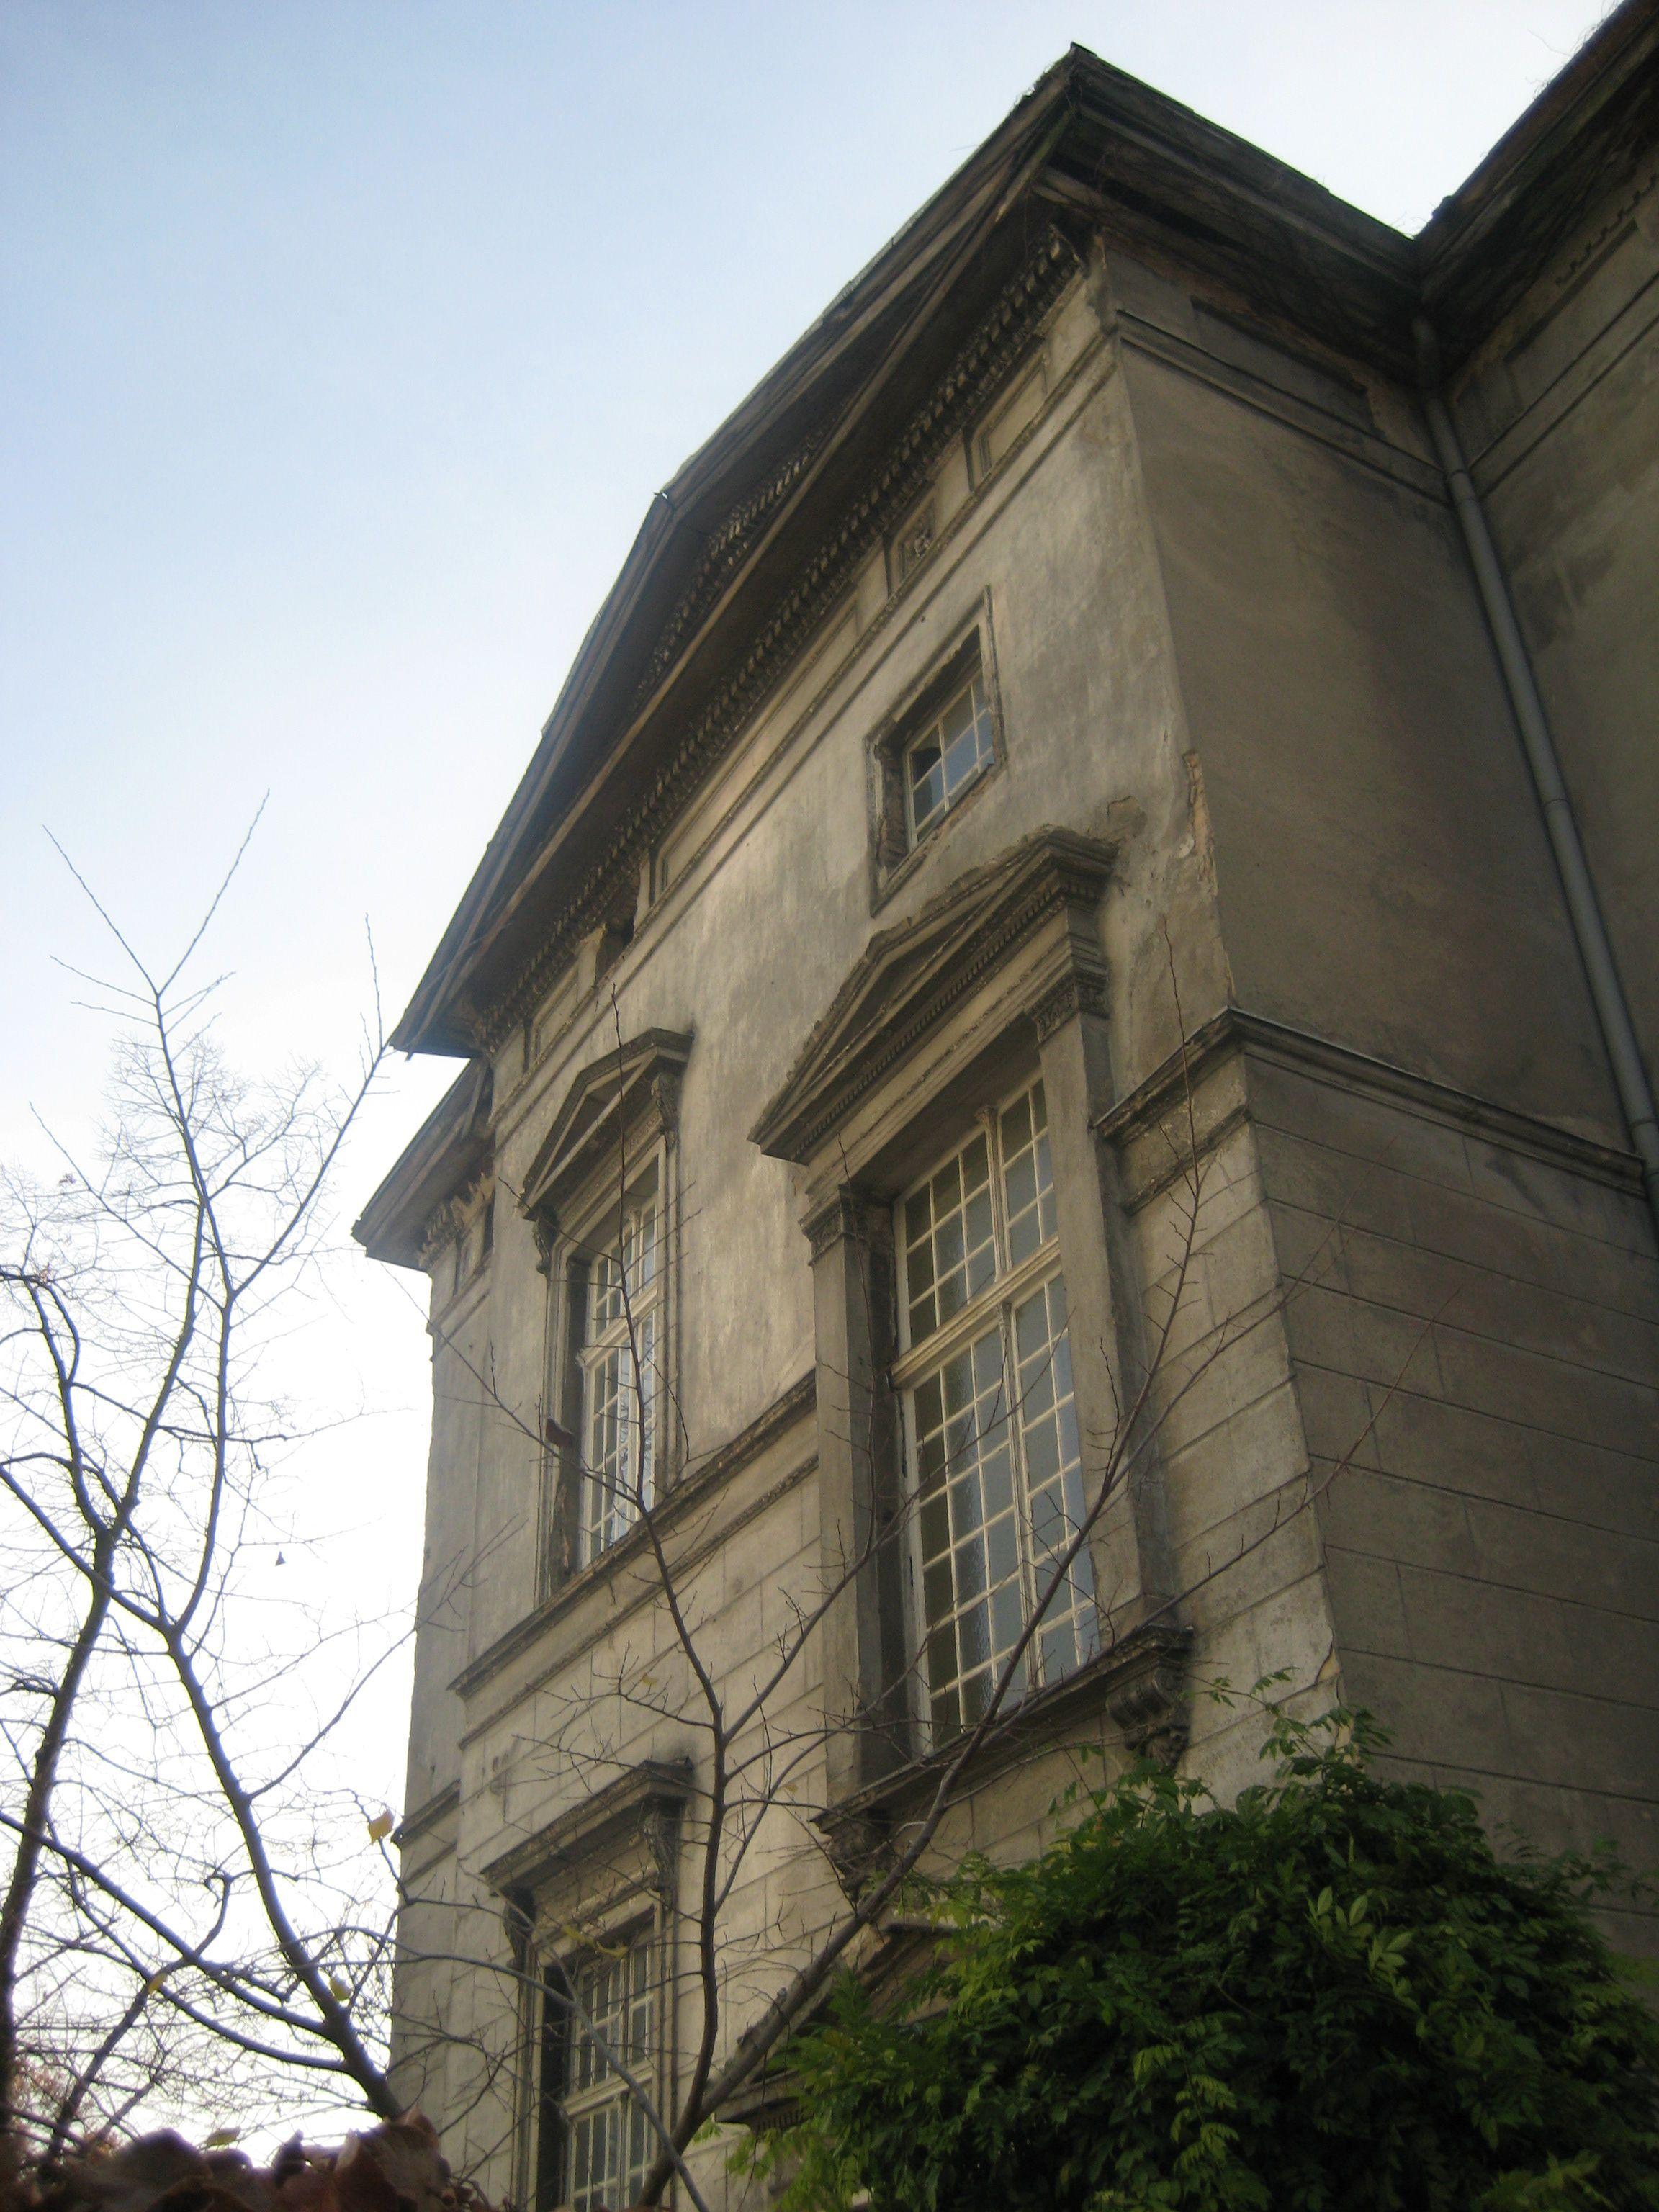 Datei:Haus Lindenberg, Methfesselstraße 23 25, Nördliche Hausfassade